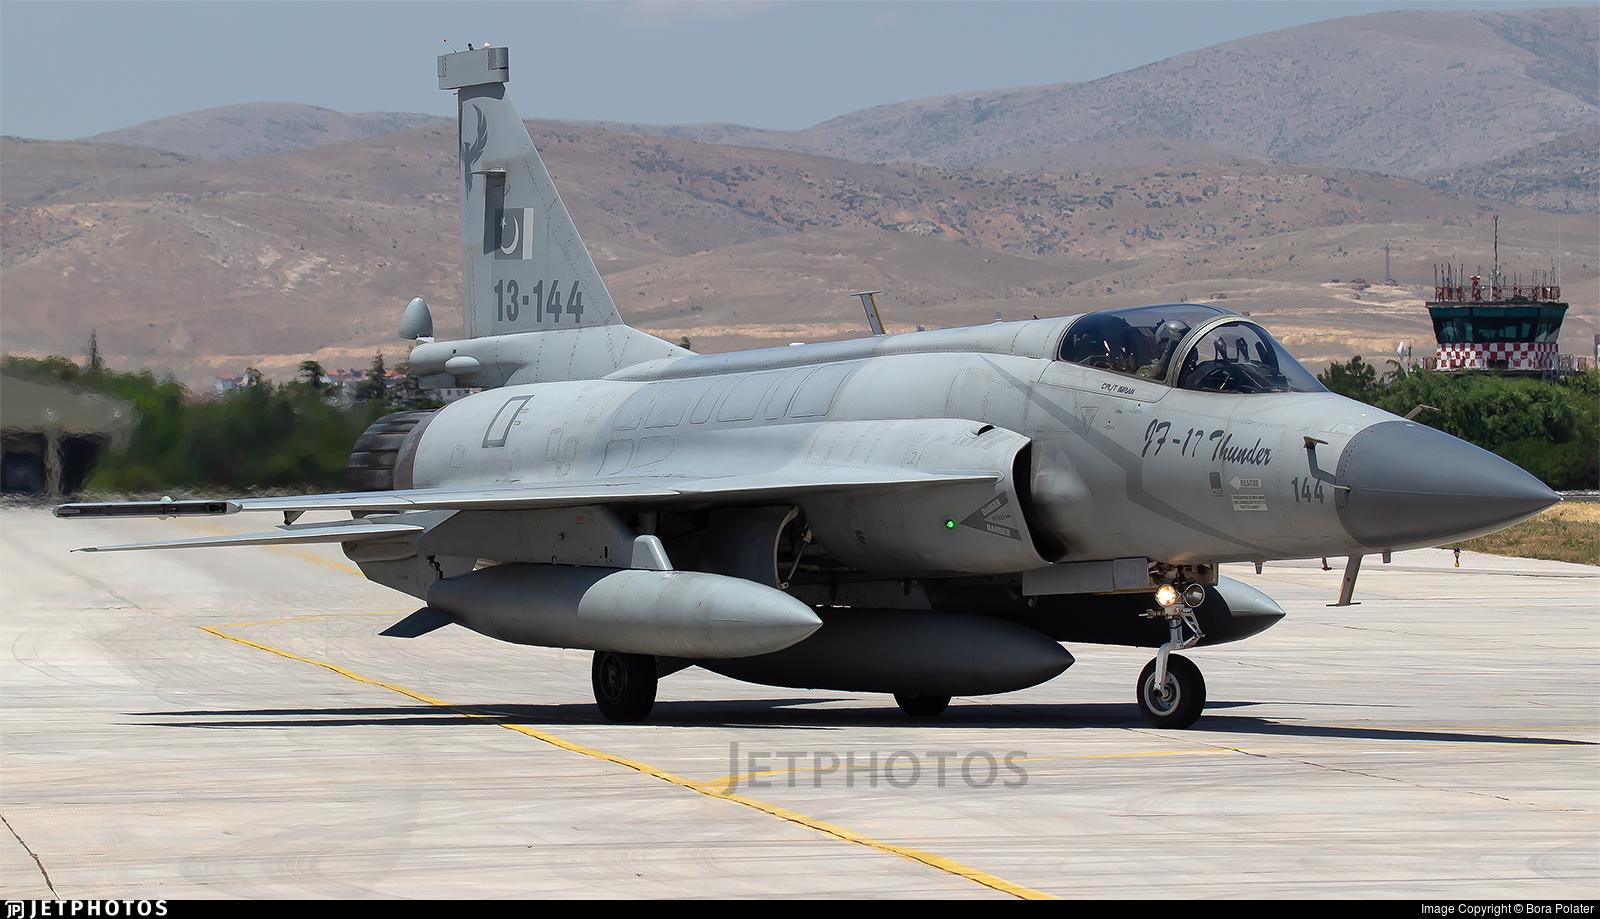 13-144 | Pakistan JF-17 Thunder | Pakistan - Air Force